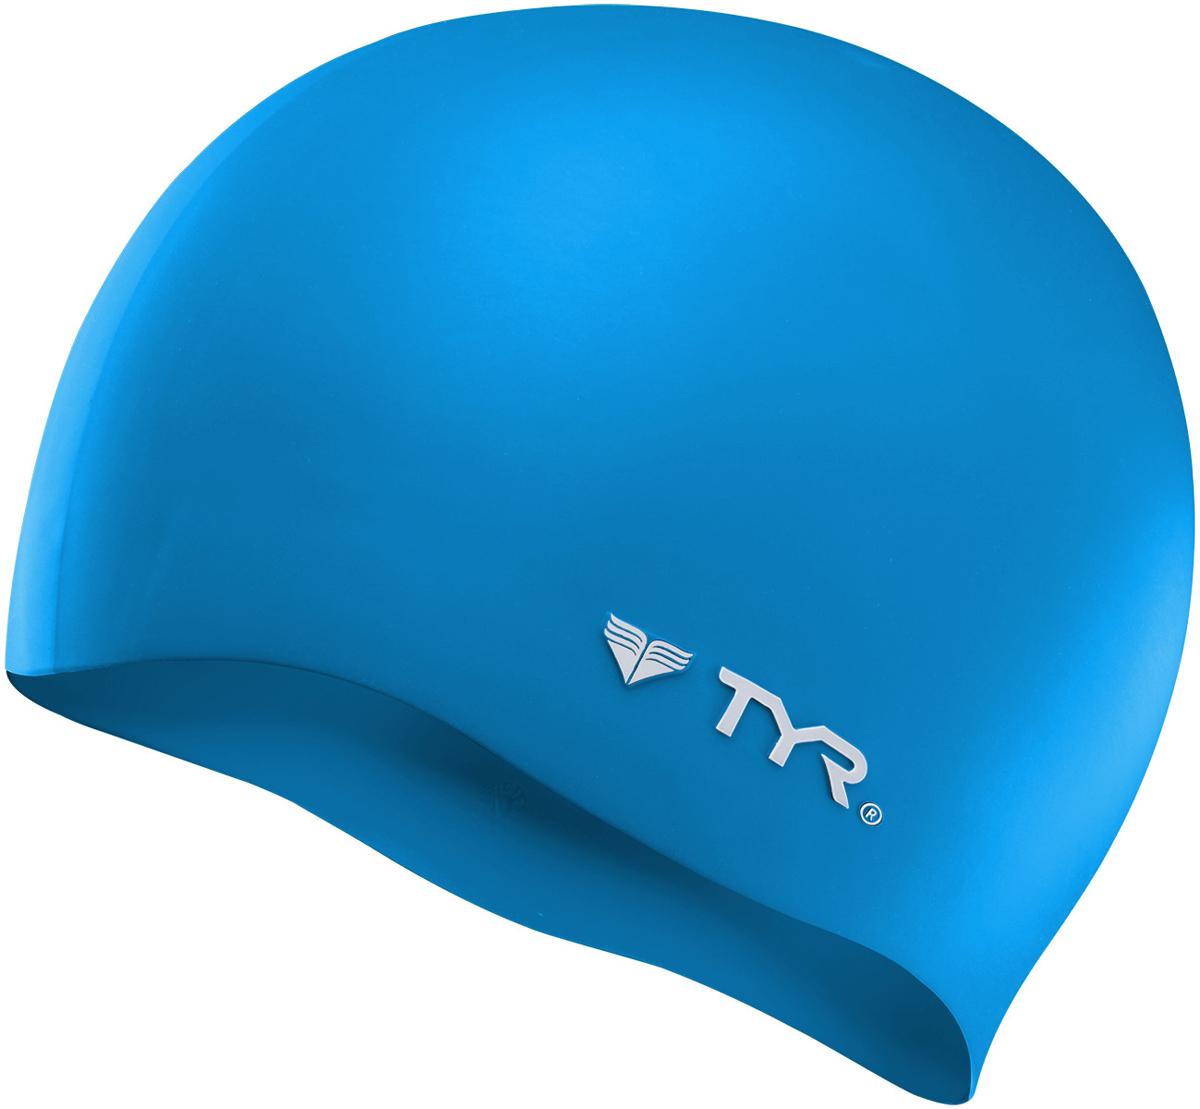 Шапочка для плавания Tyr Wrinkle Free Silicone Cap, цвет: голубой. LCSLCSСиликоновая шапочка TYR Wrinkle Free – изготовлена из высококачественного материала устойчивого к воздействию хлорированной воды, что гарантирует долгий срок службы. Материал шапочки не вызывает раздражения кожи и других аллергических реакций. Прекрасный вариант для тренировок в бассейне.